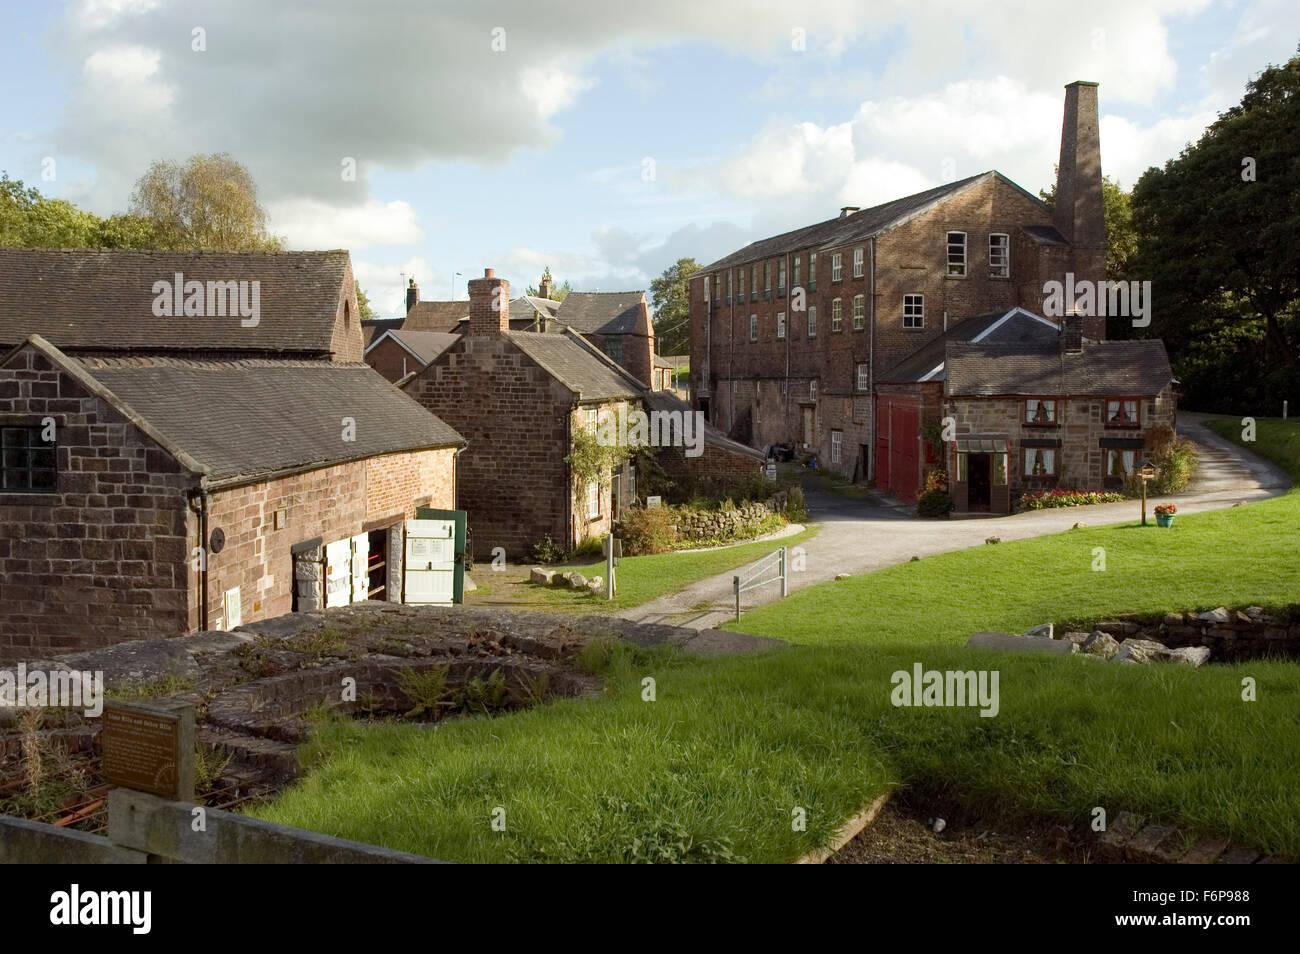 Cheddleton Flint Mill, Cheadle Road,  Cheddleton, Stoke-on-Trent, Staffordshire, England, UK Europe - Stock Image